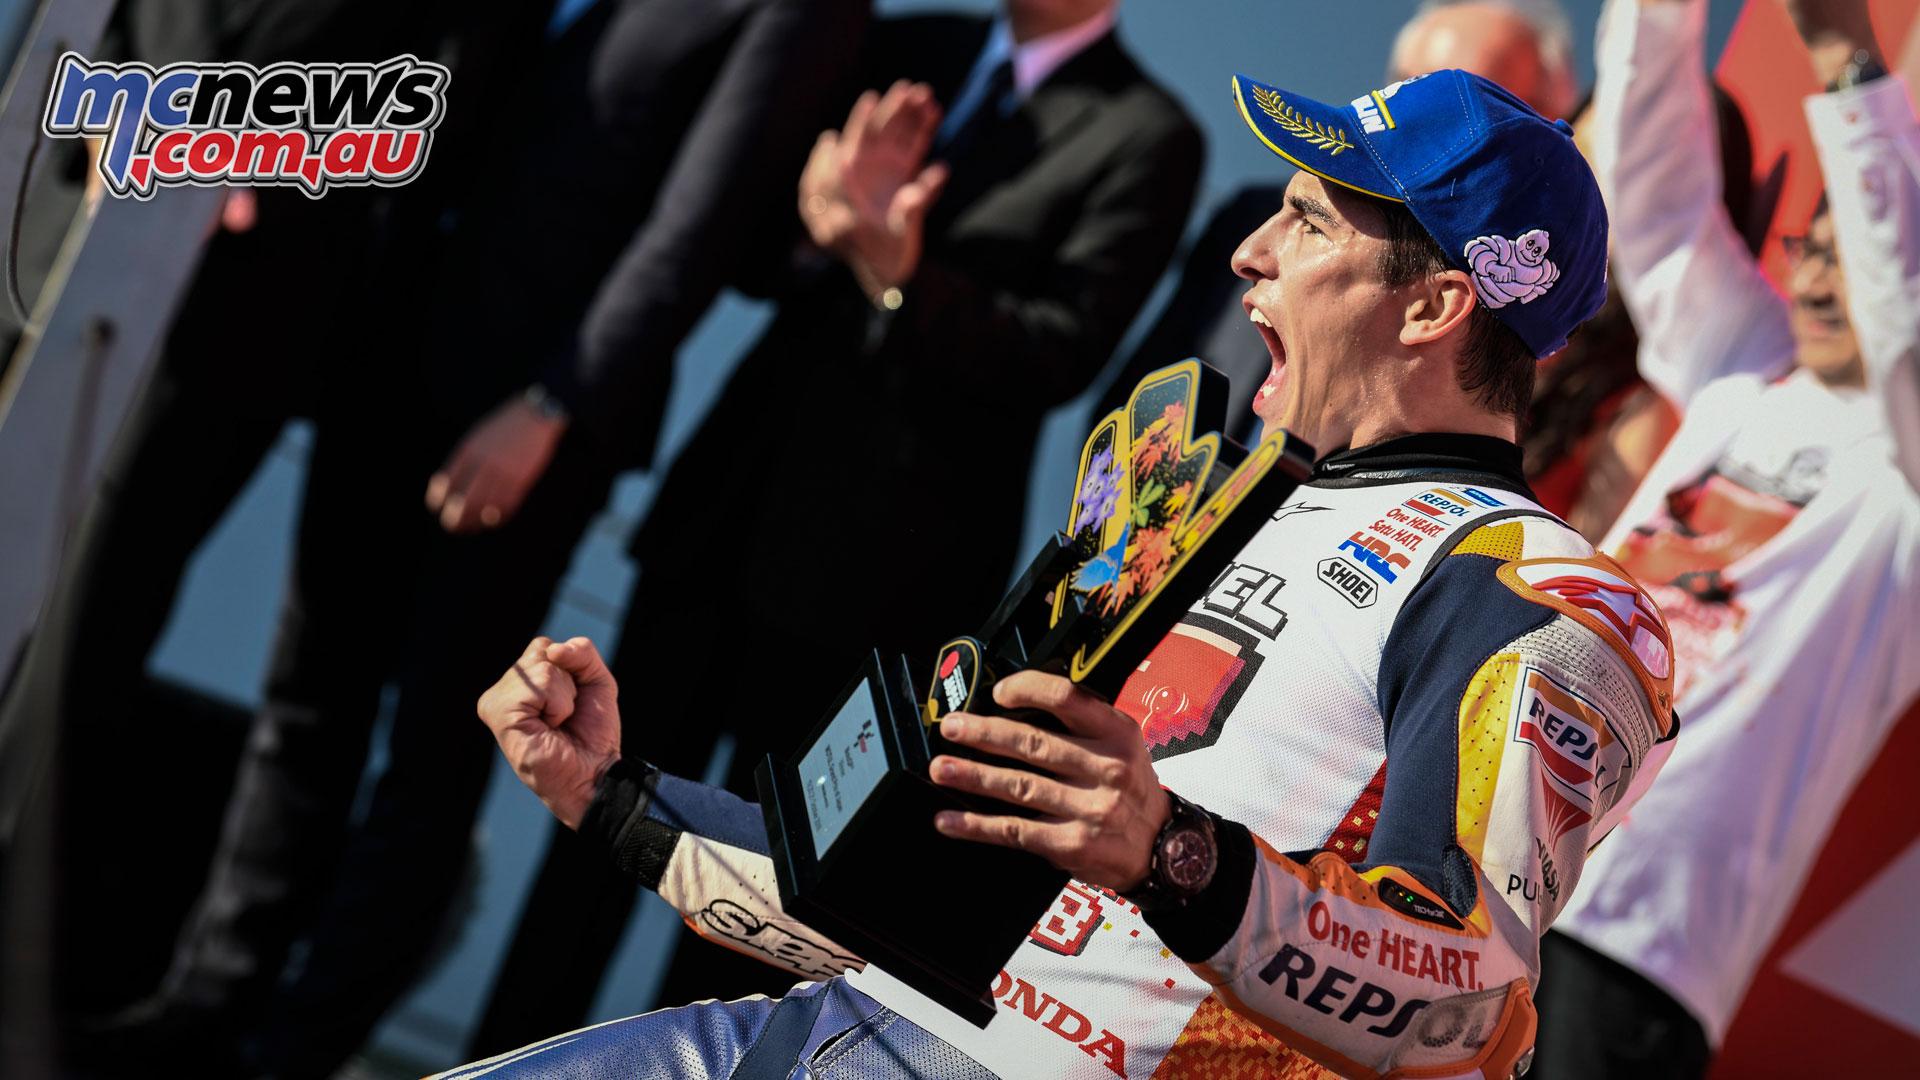 dead1465ff246 MotoGP Japan Sun Marc Marquez Marc Marquez 2018 MotoGP World Champion ...